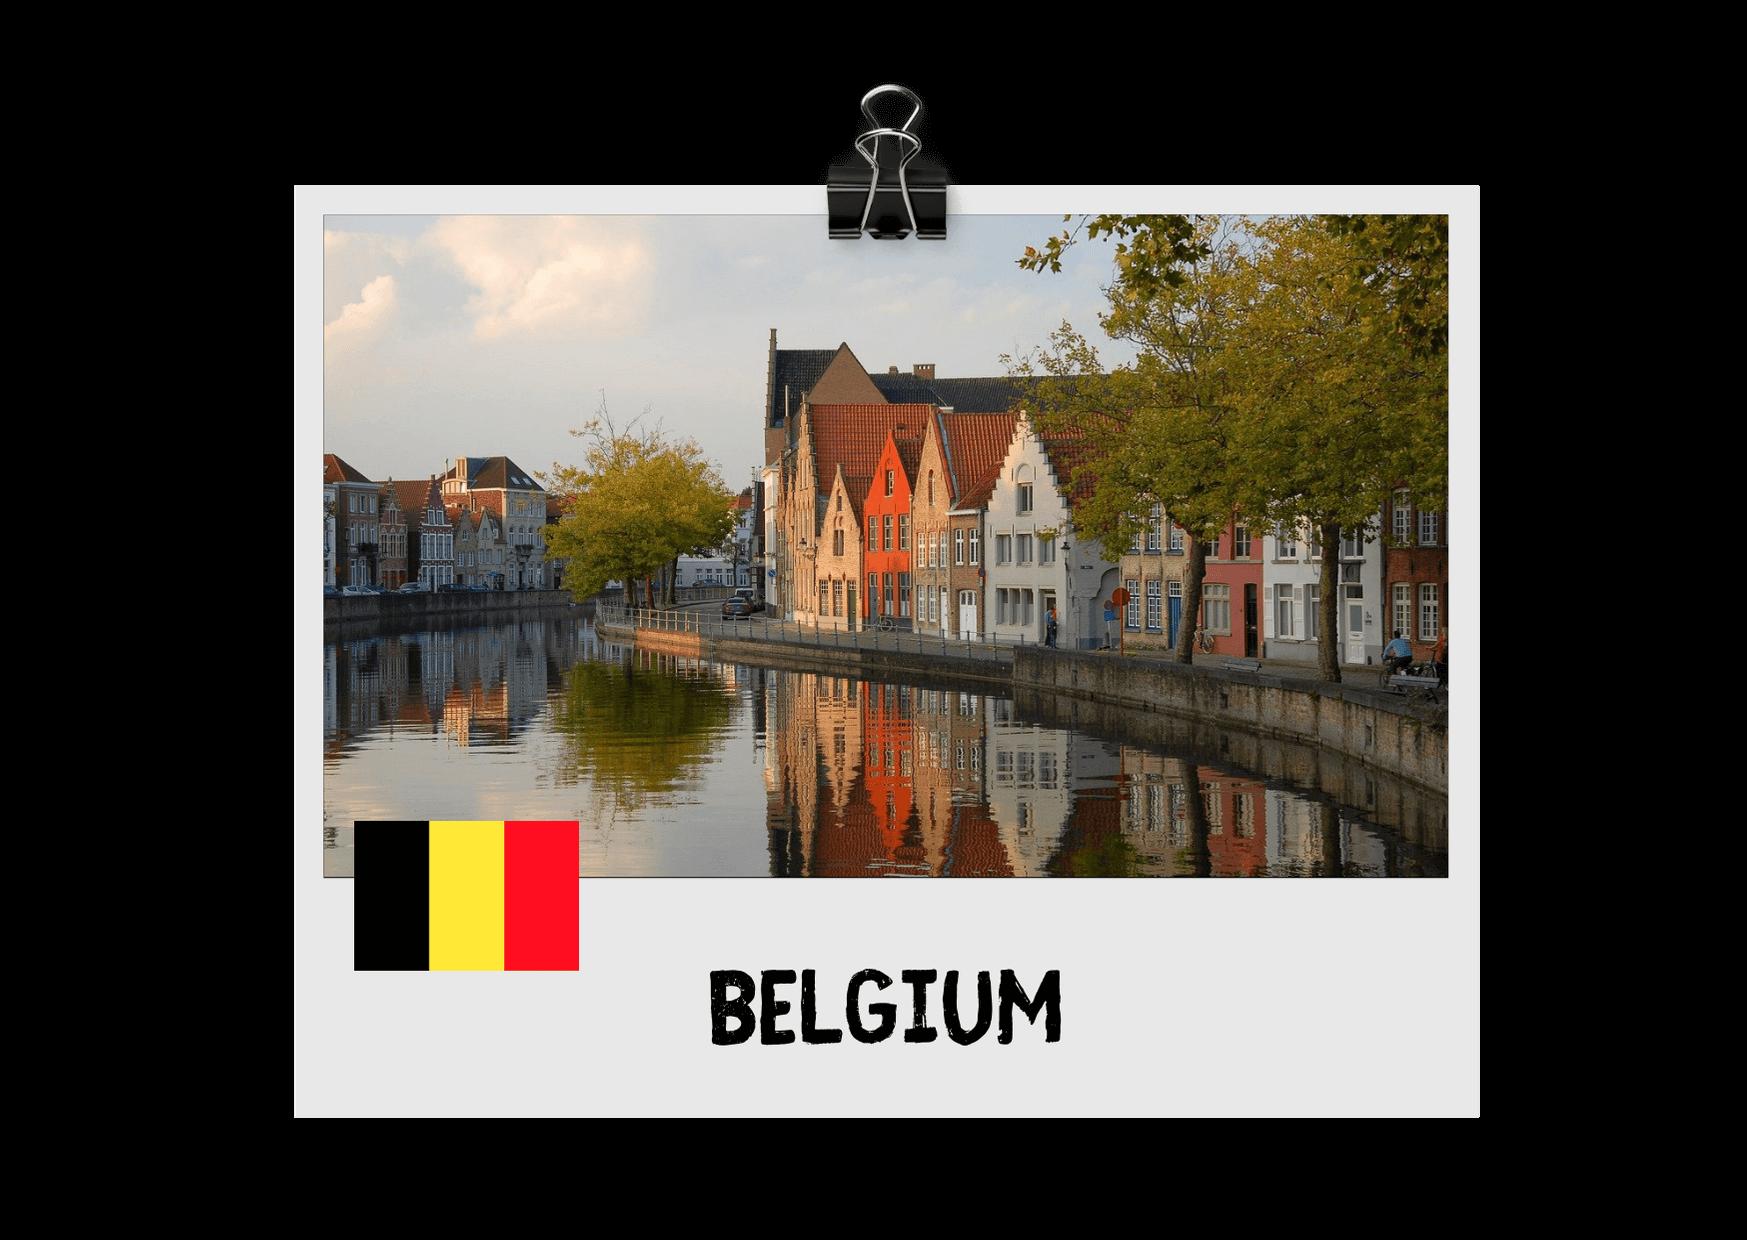 Van Life in Belgium